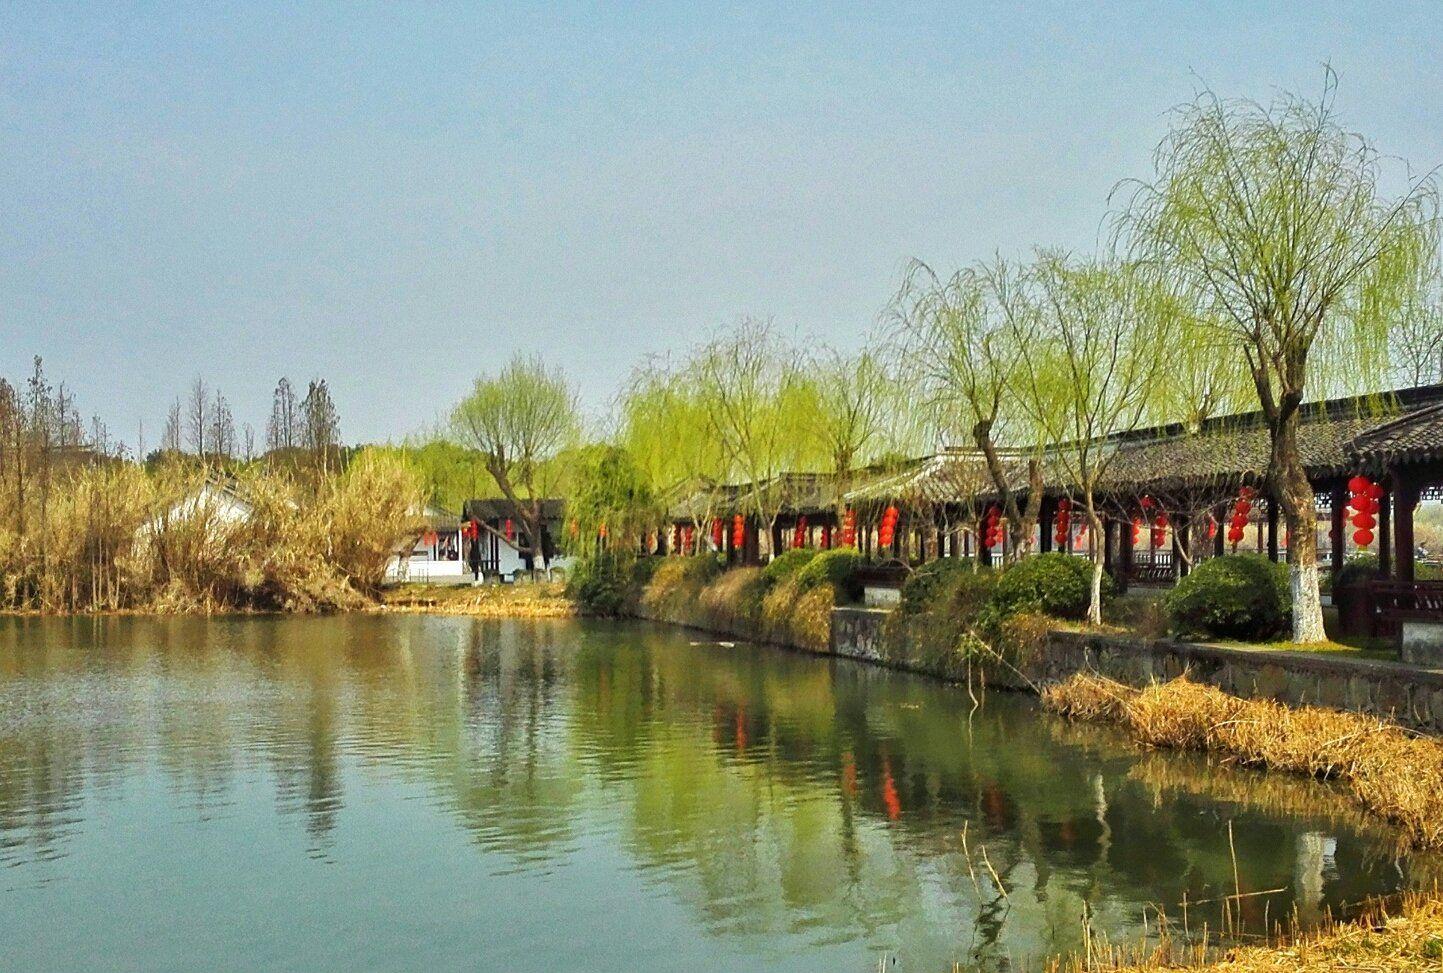 全国特色景观旅游名镇之一,是中国历史文化名镇